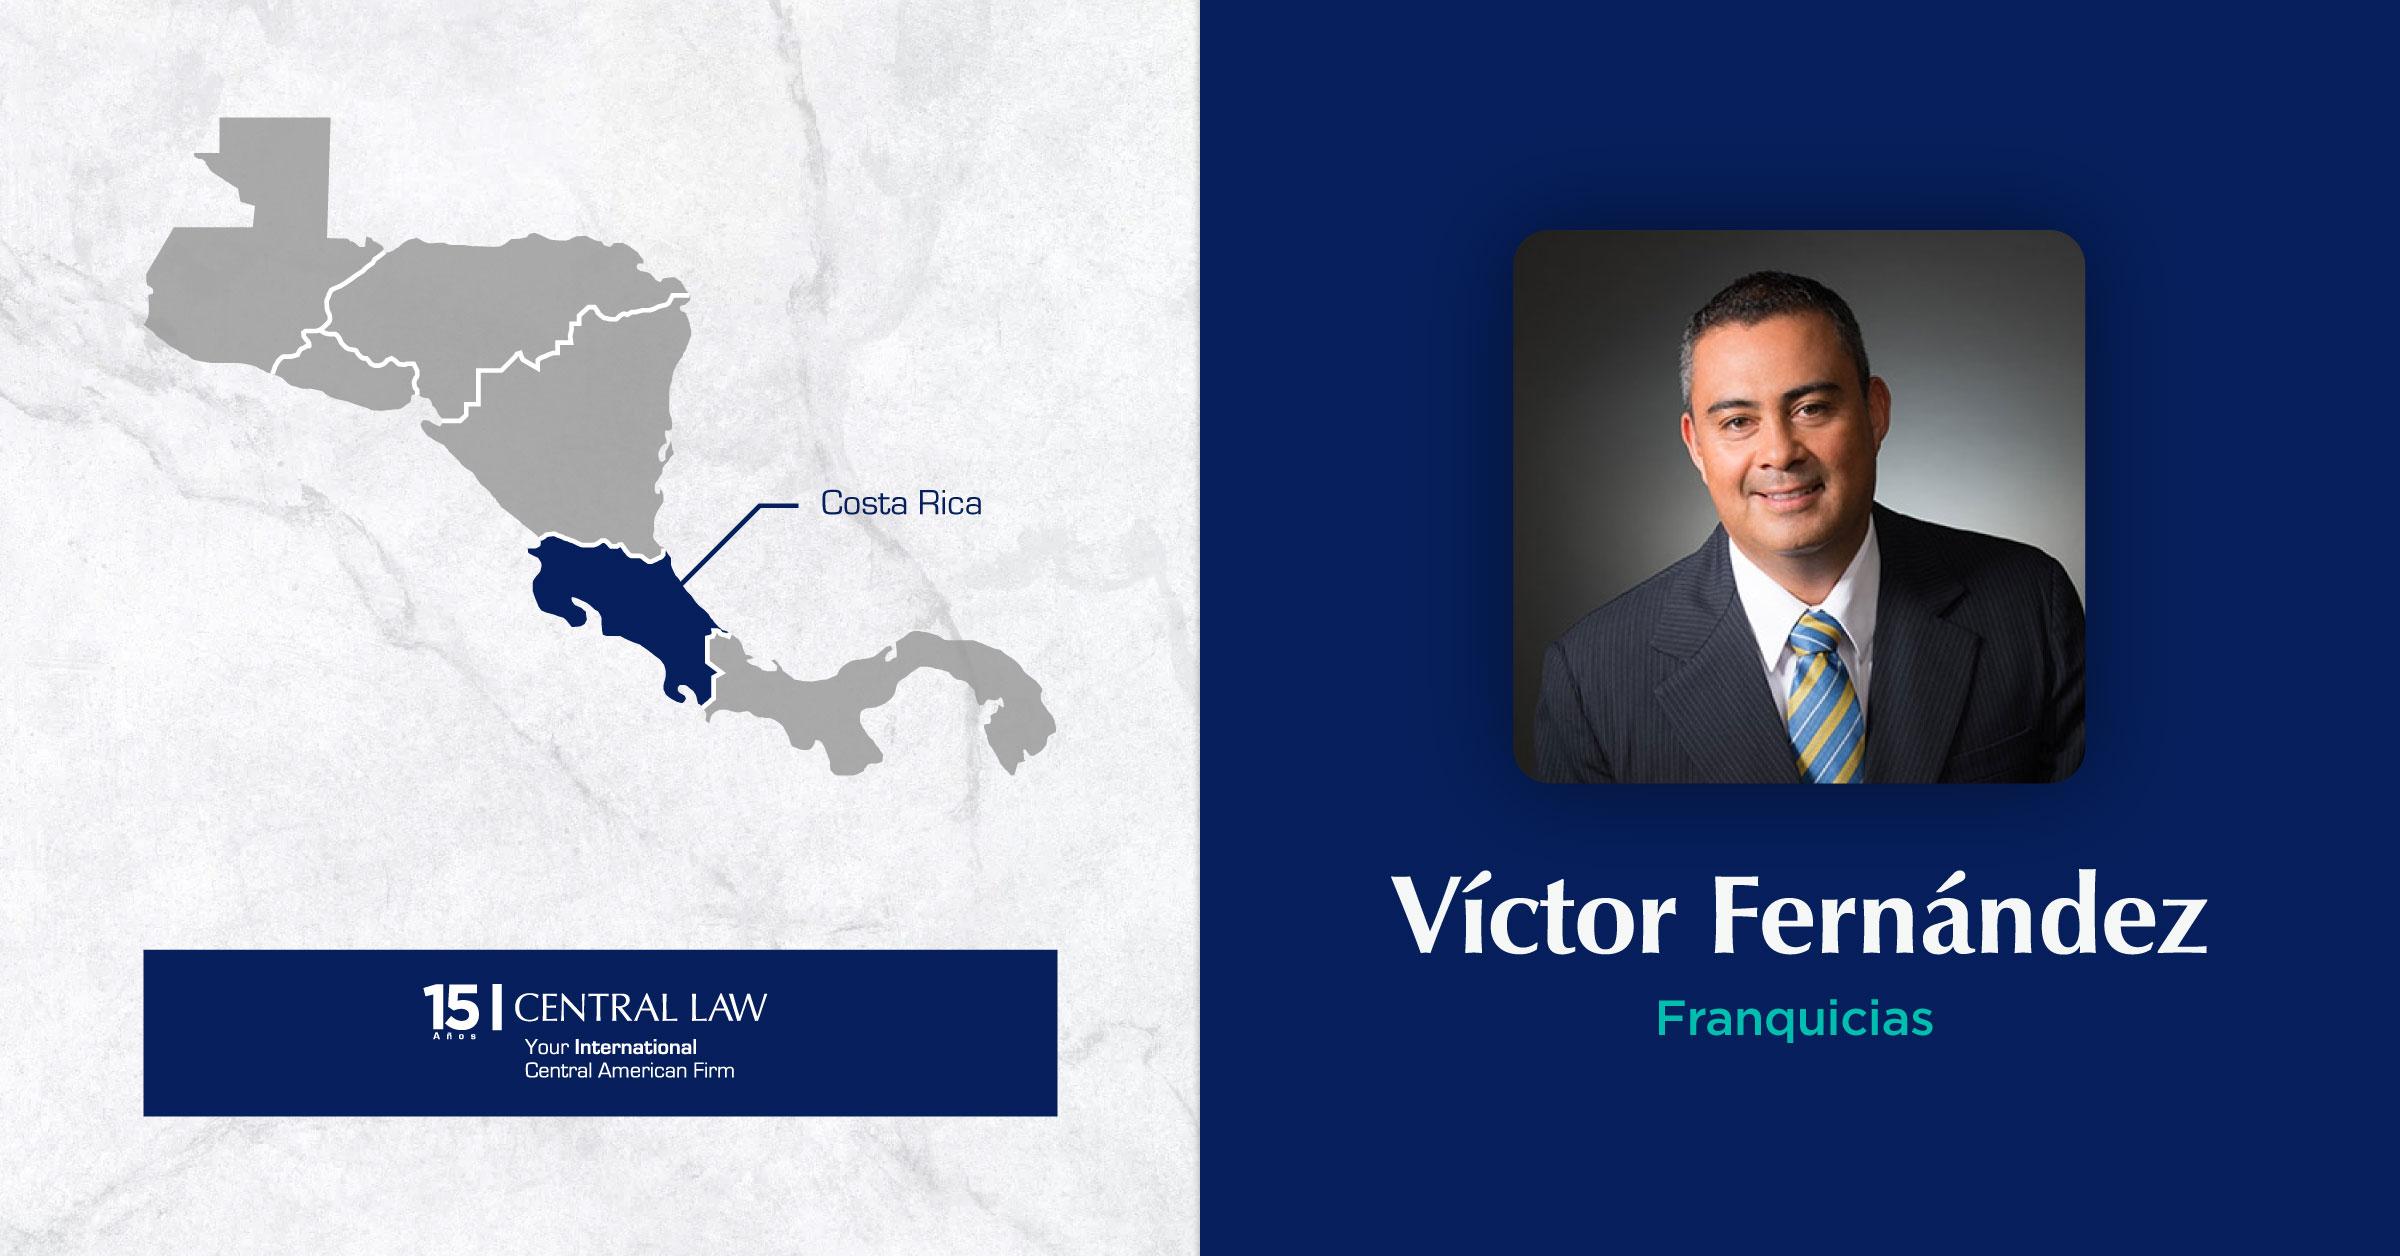 La necesidad de una regulación legal de la franquicia en Costa Rica